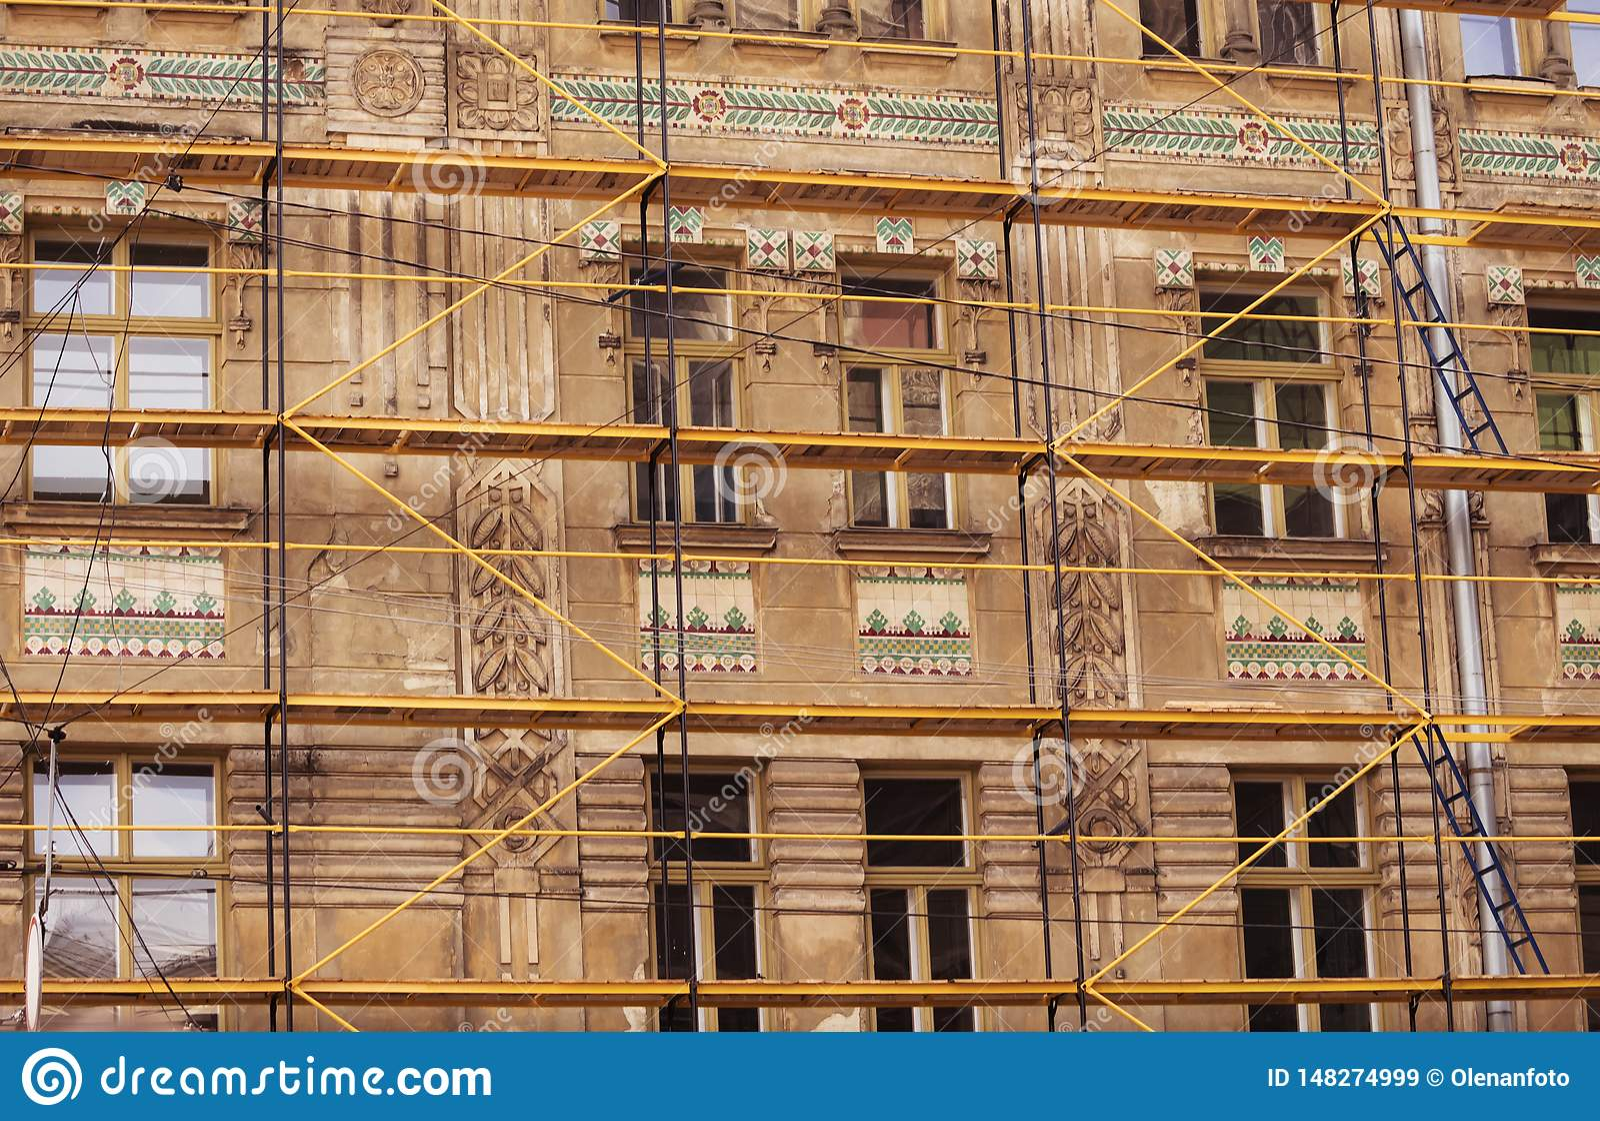 03 08 2019 Leopoli, Ucraina Il processo di ripristino di una casa antica del tetto, facciata, affreschi Ripristino di architetton